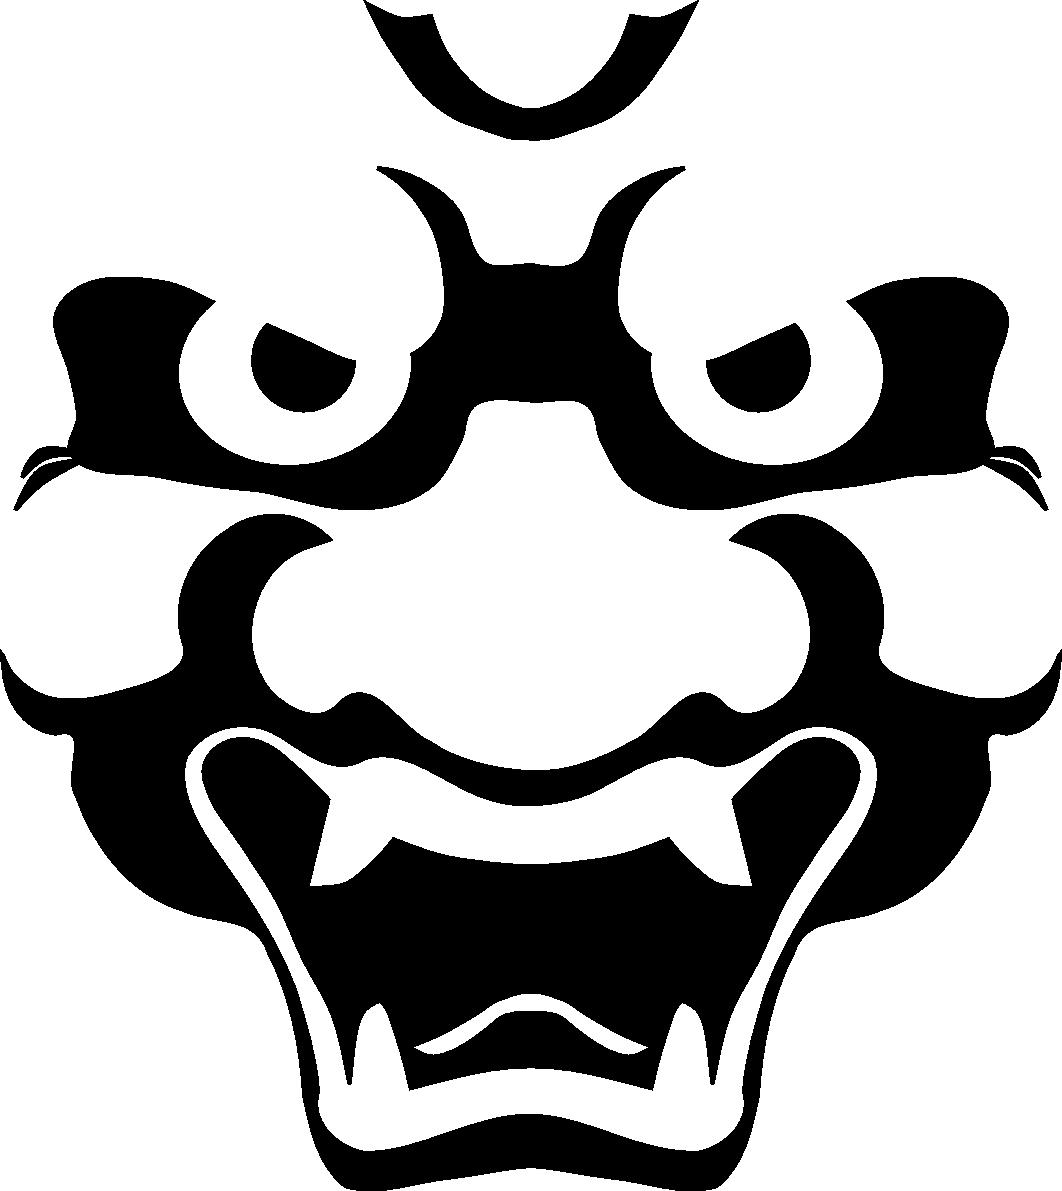 tengu_logo